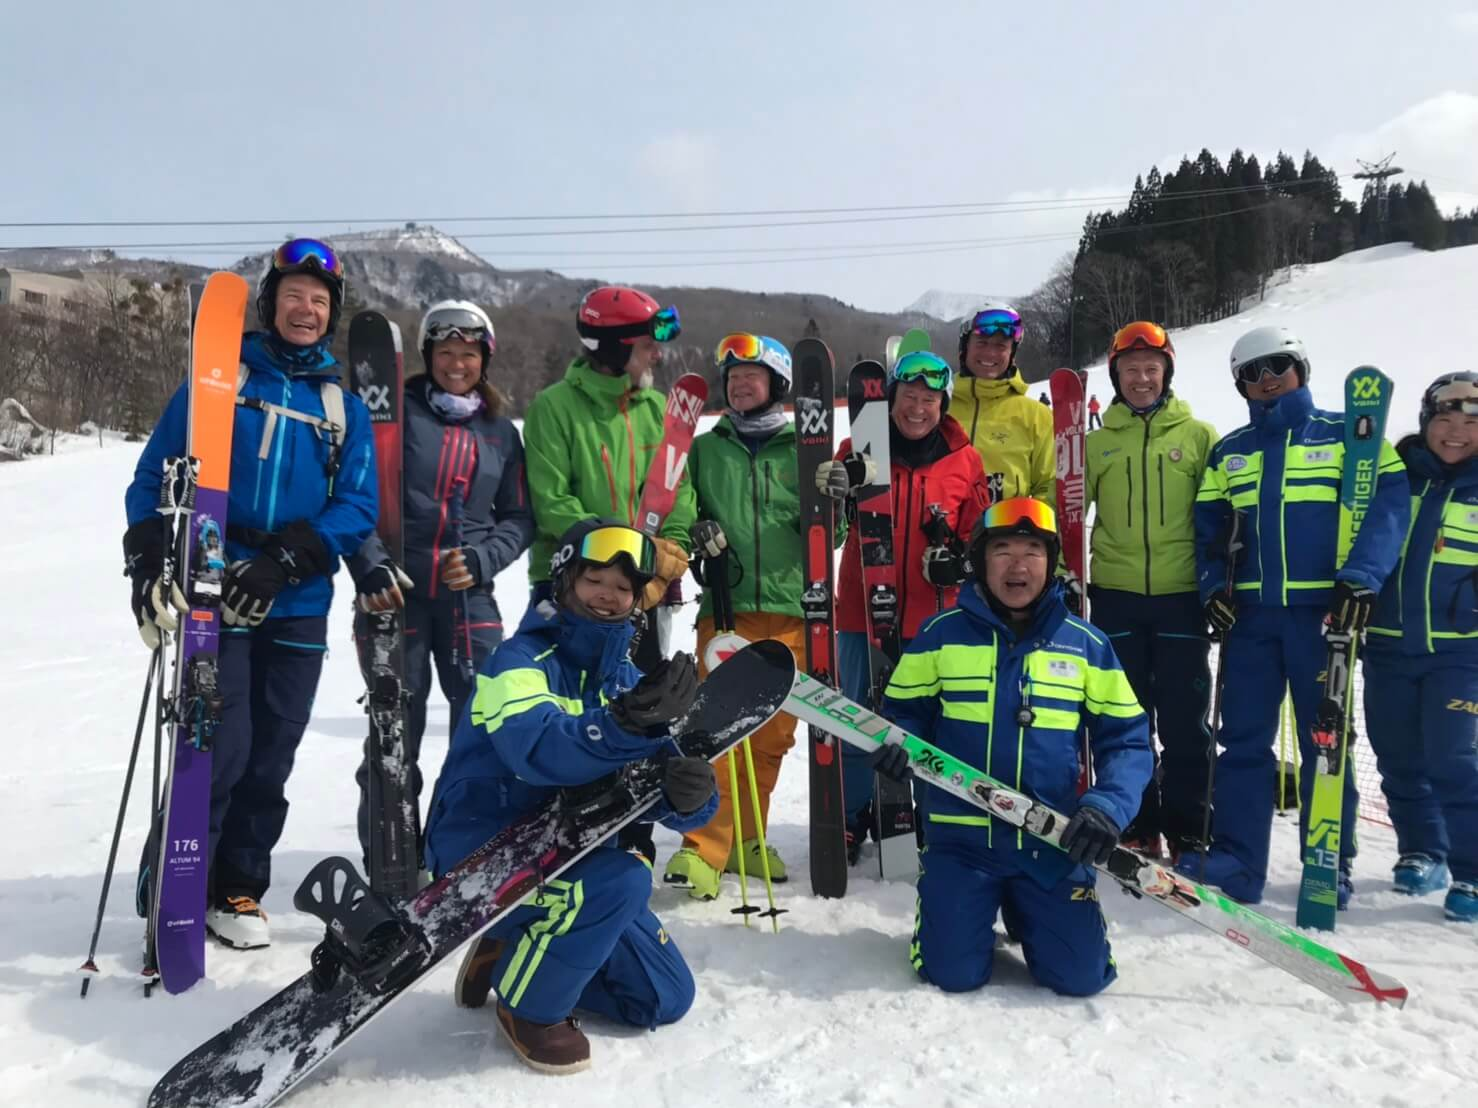 ZAOフライツァイトスキースクール、お客様とともに